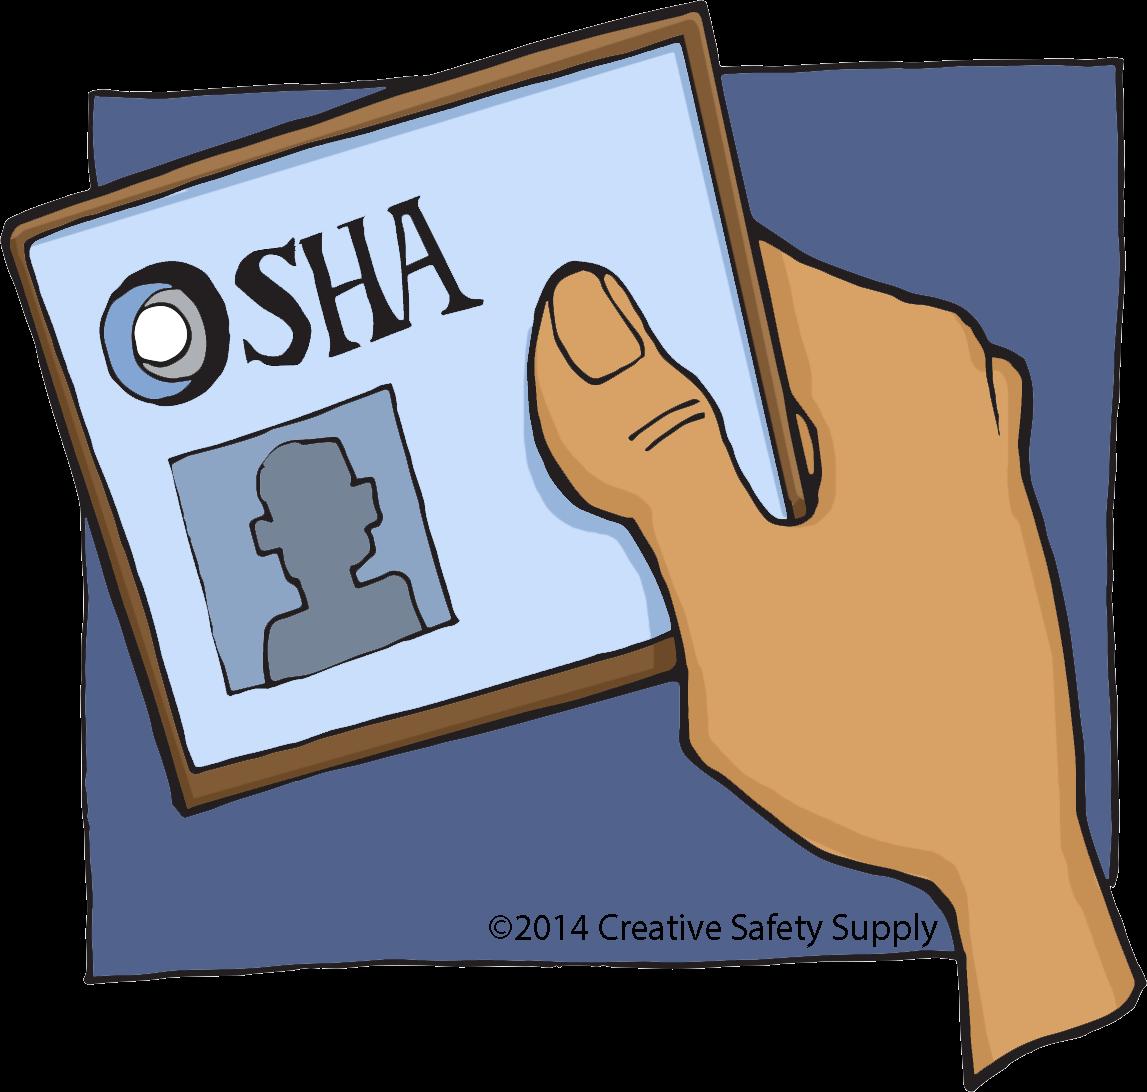 OSHA-creds (1)